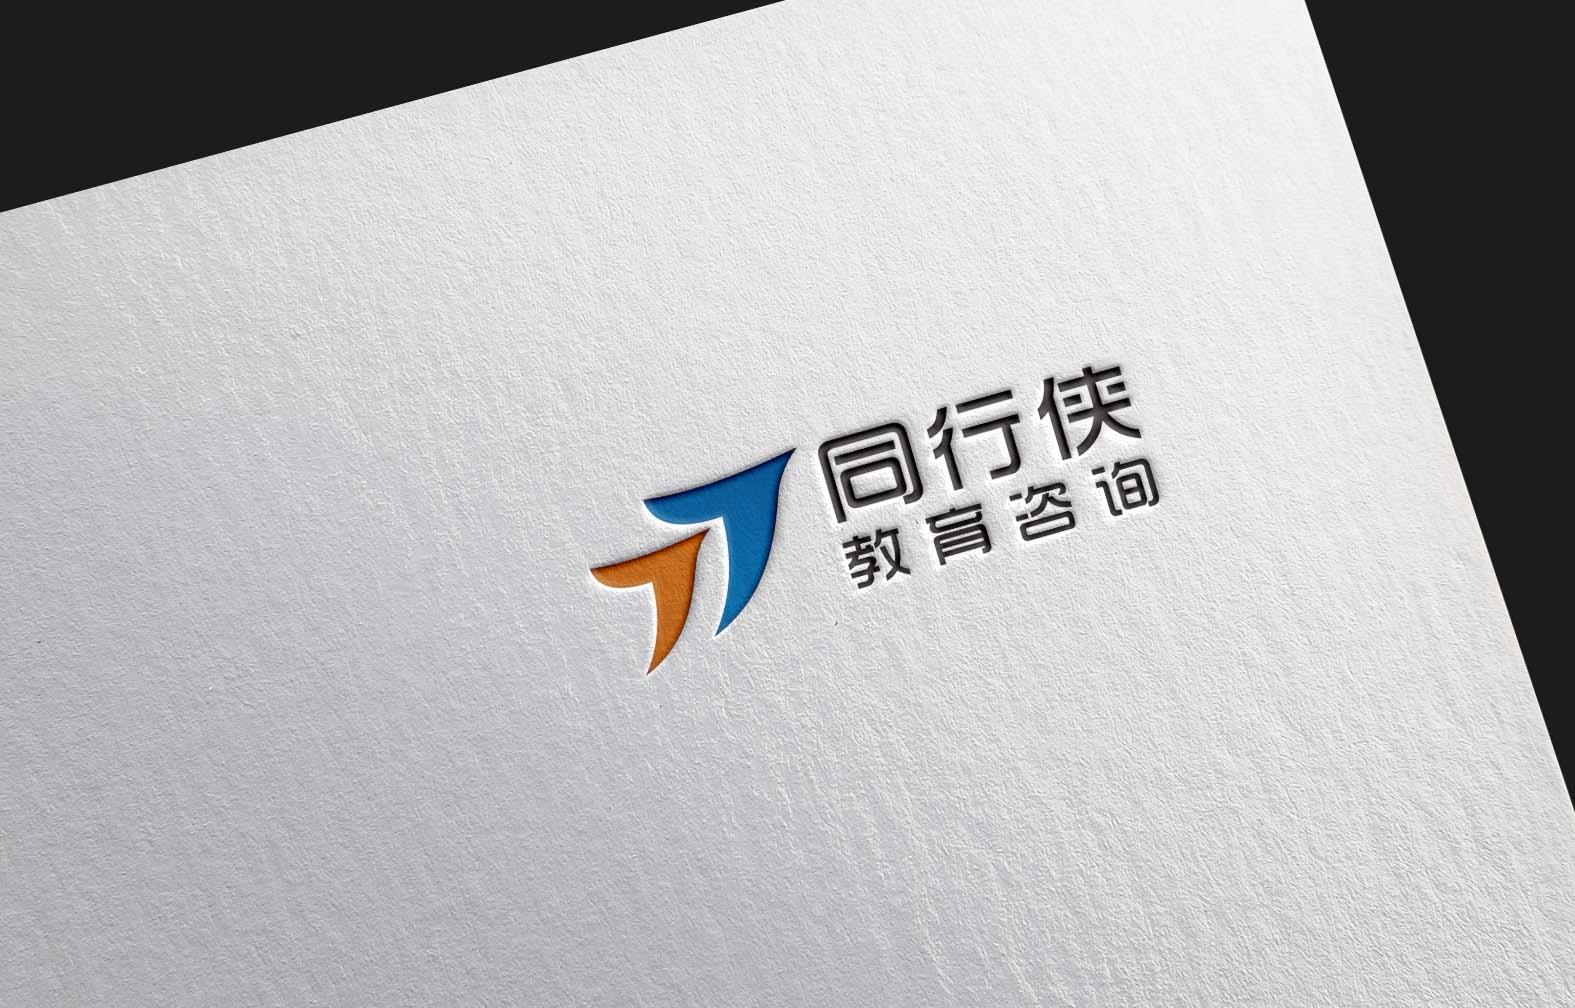 福州同行侠教育咨询有限公司_2967611_k68威客网